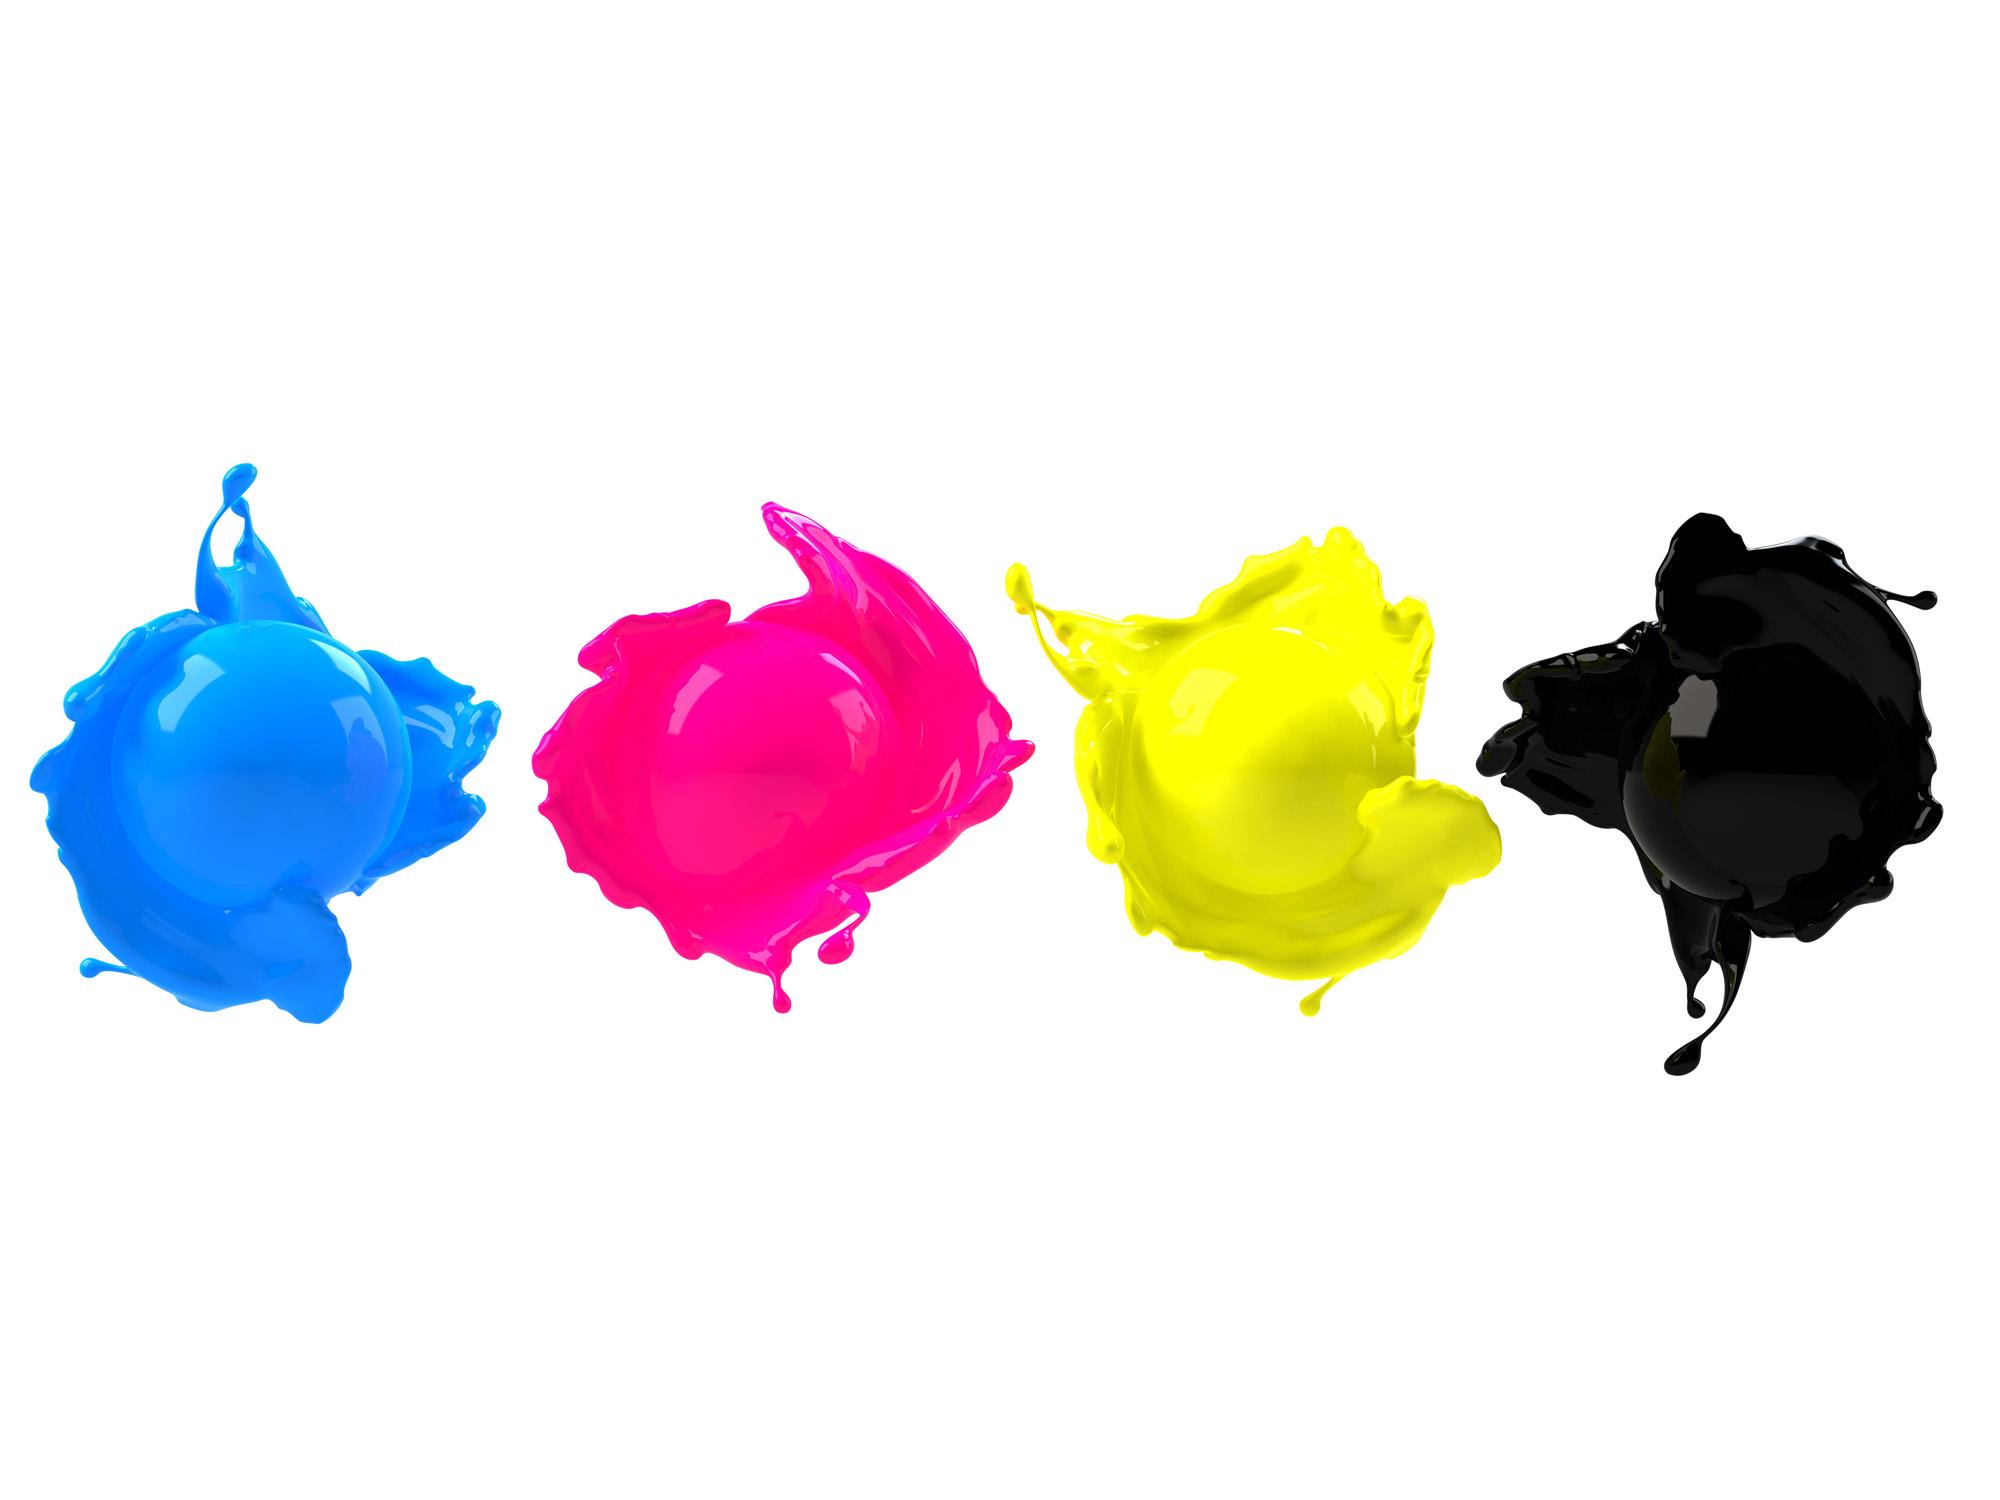 พิมพ์ 4 สี คุ้มค่าจริงหรือ?